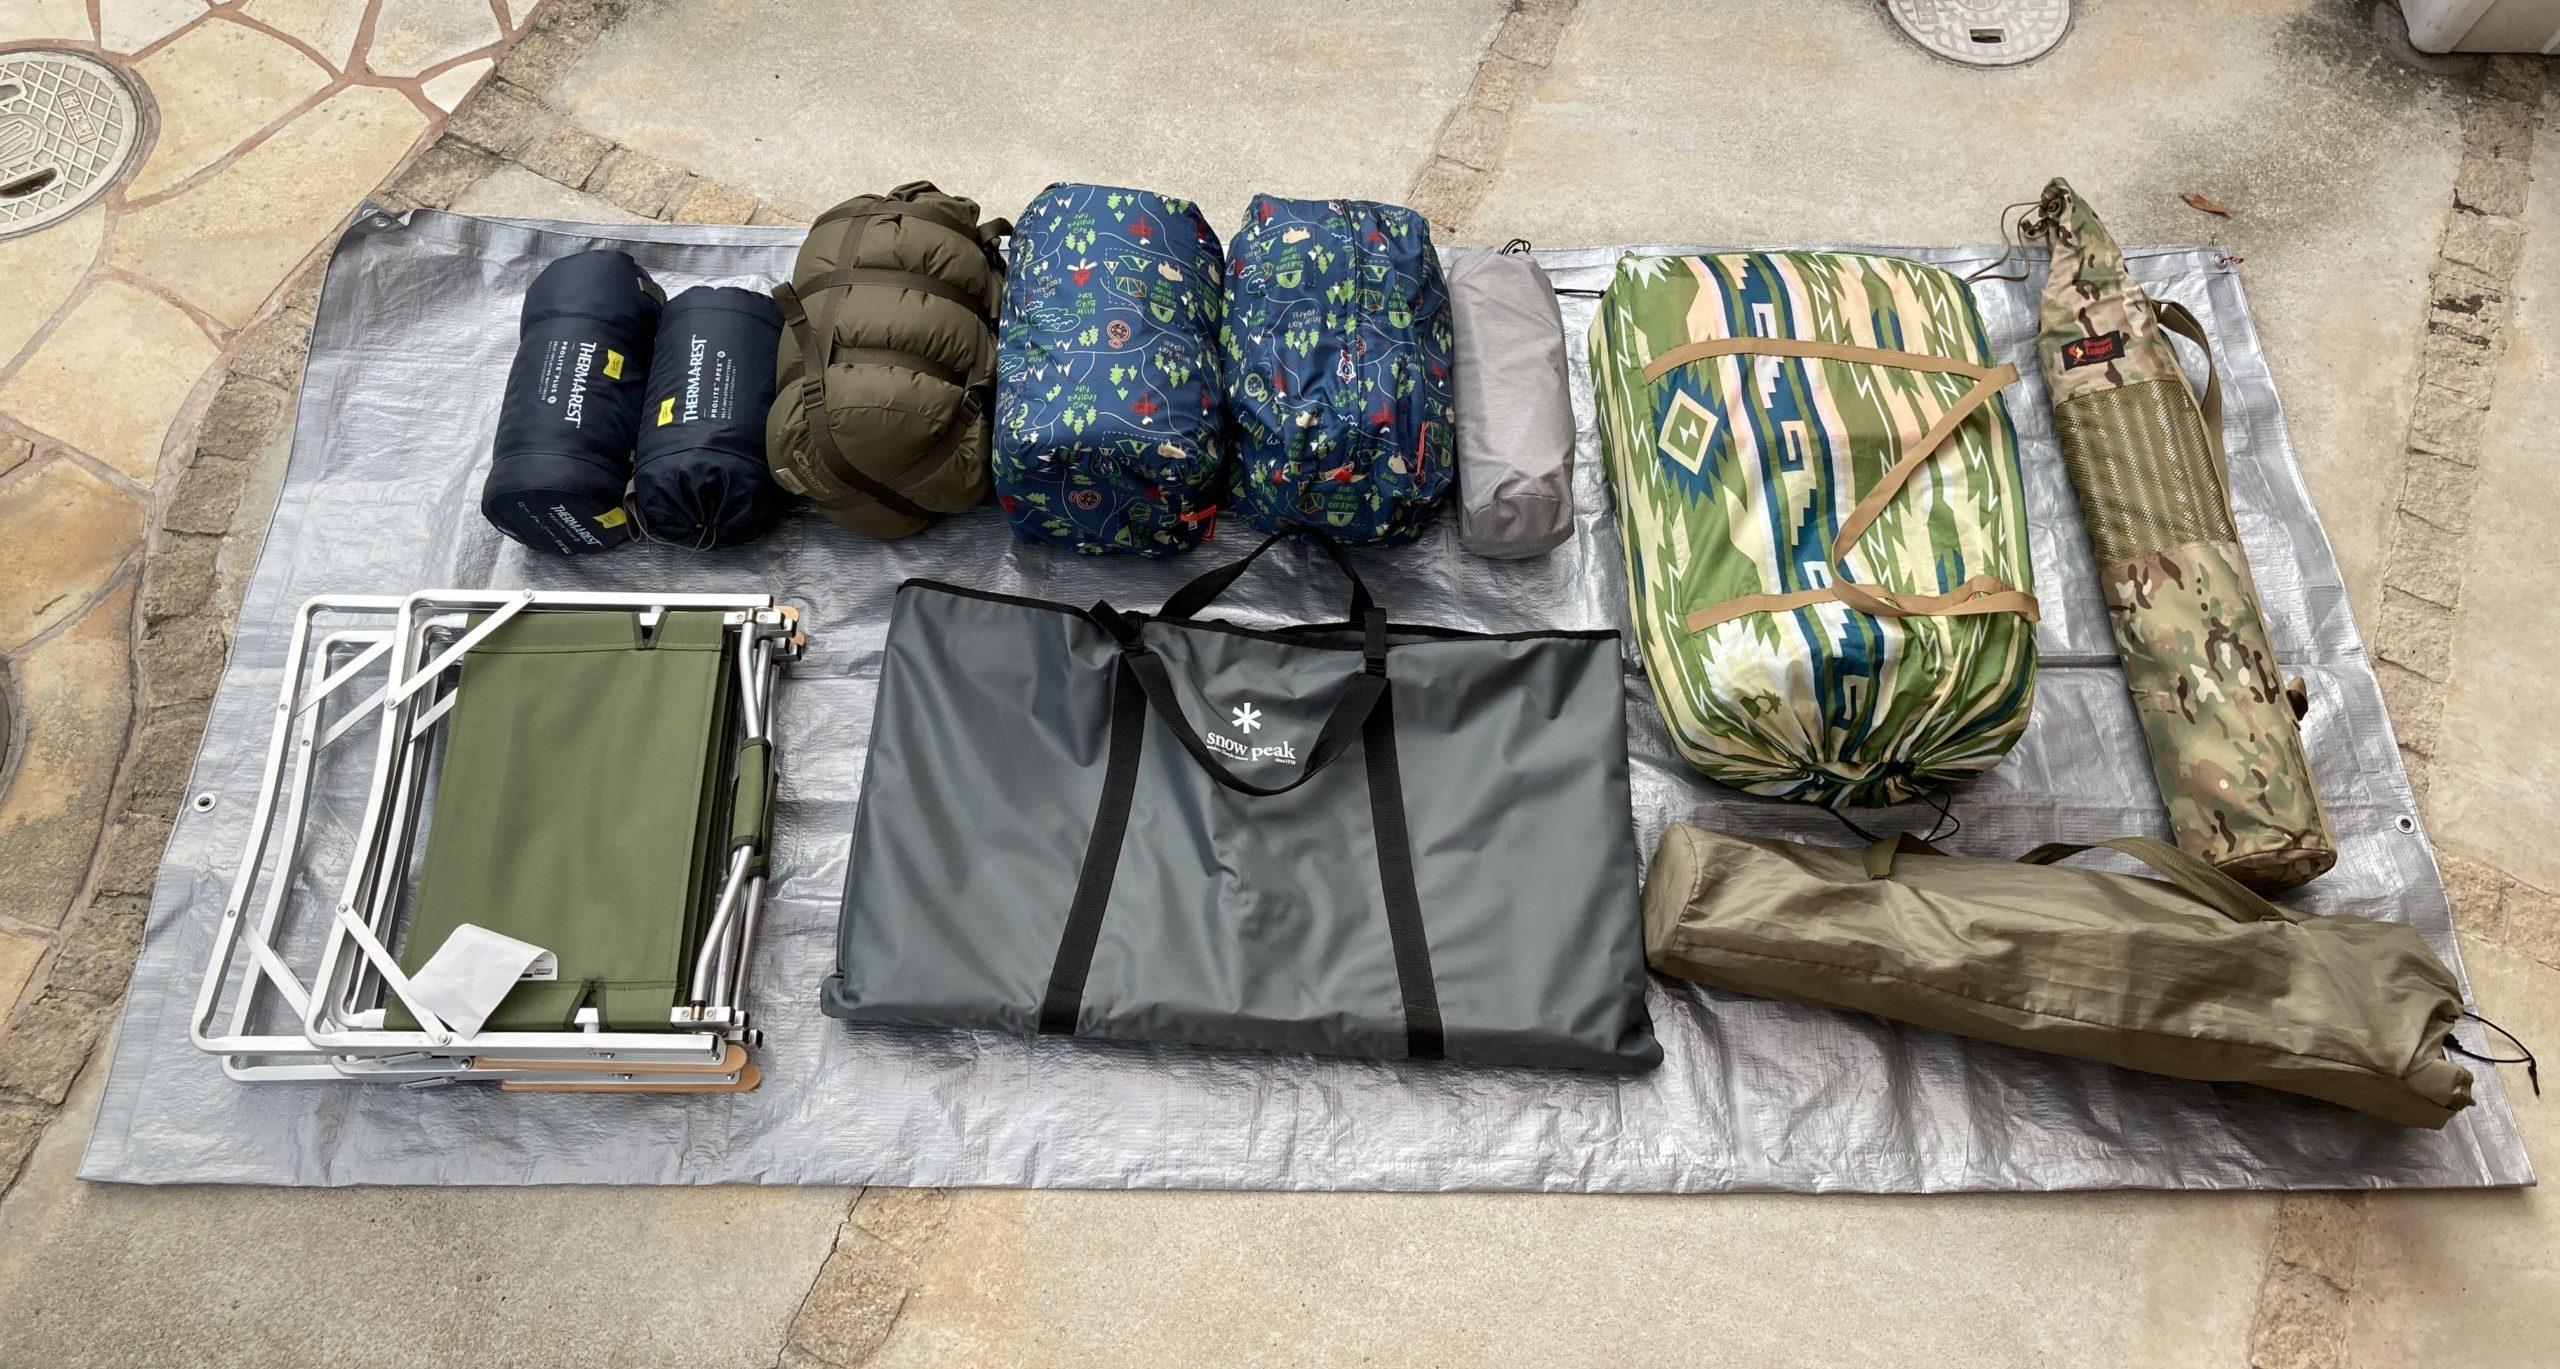 積み込んだ荷物の写真